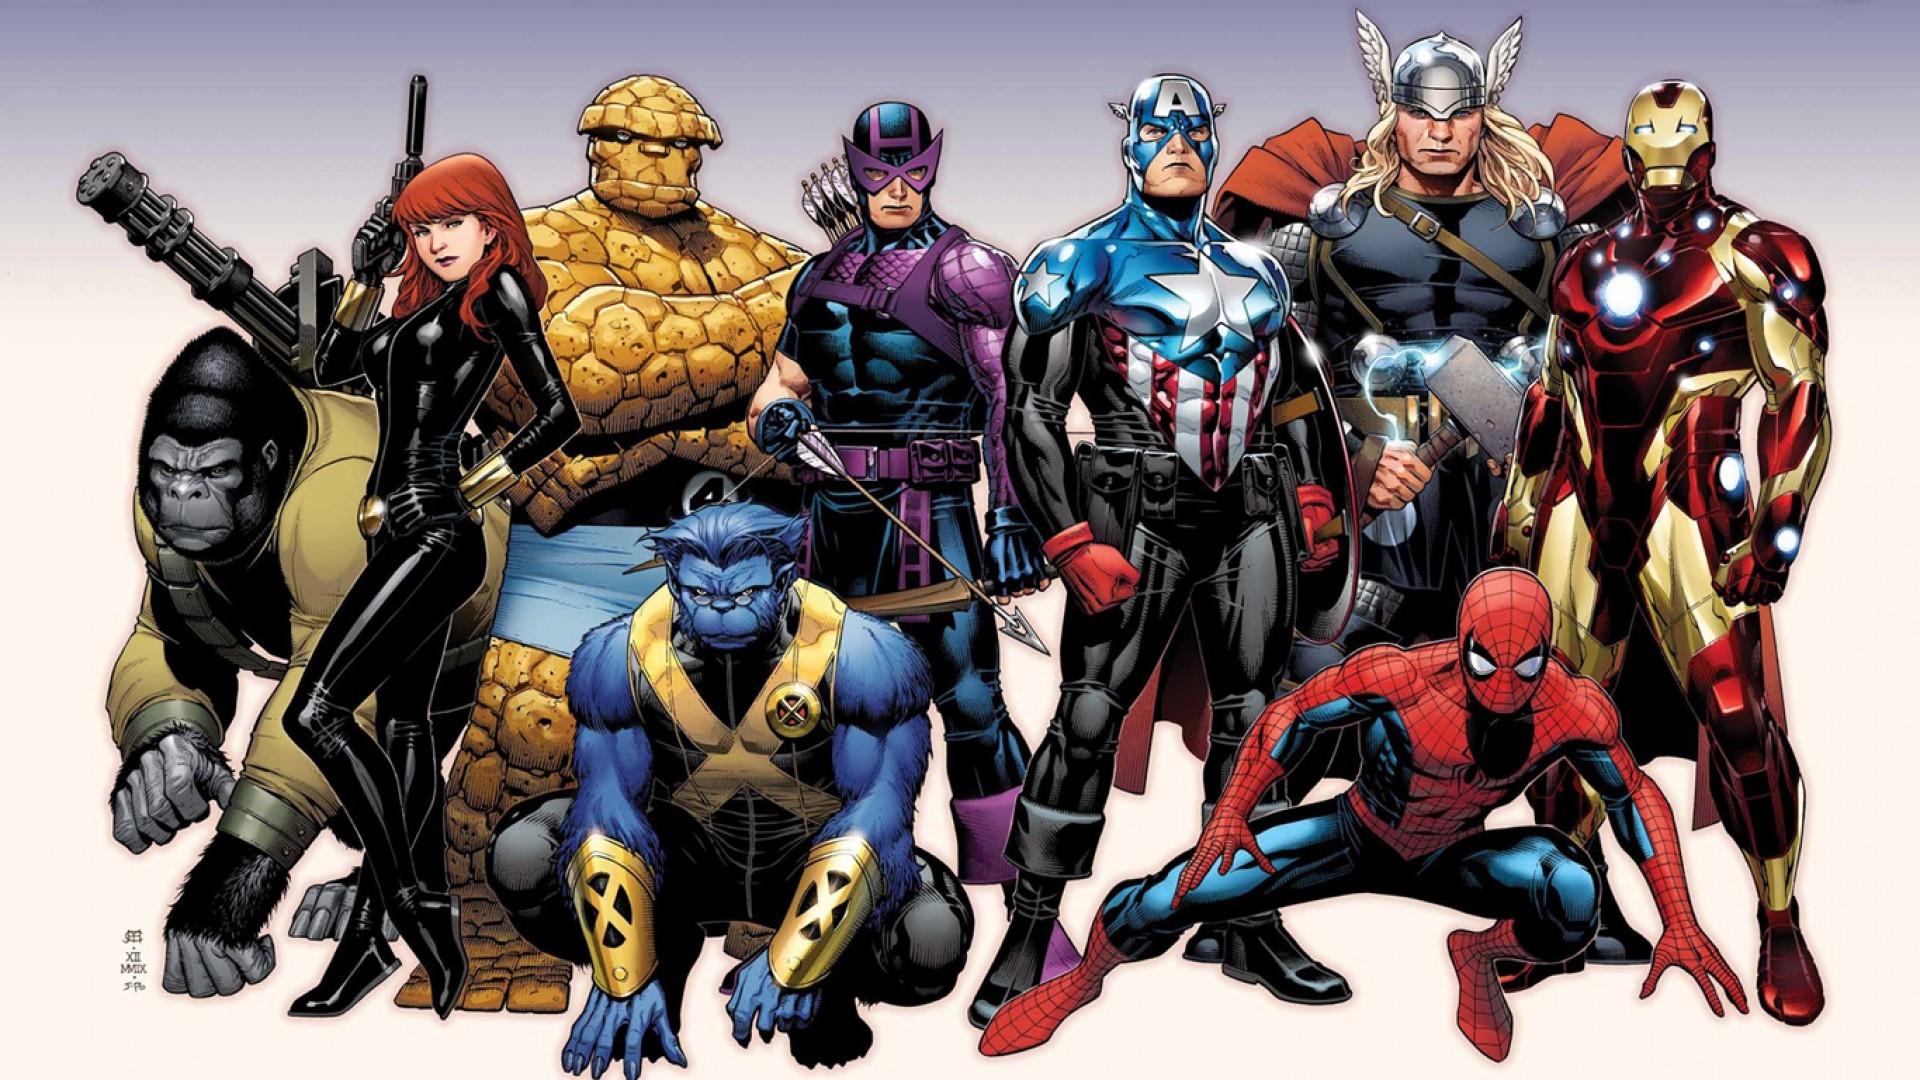 marvel super heros hd wallpaper